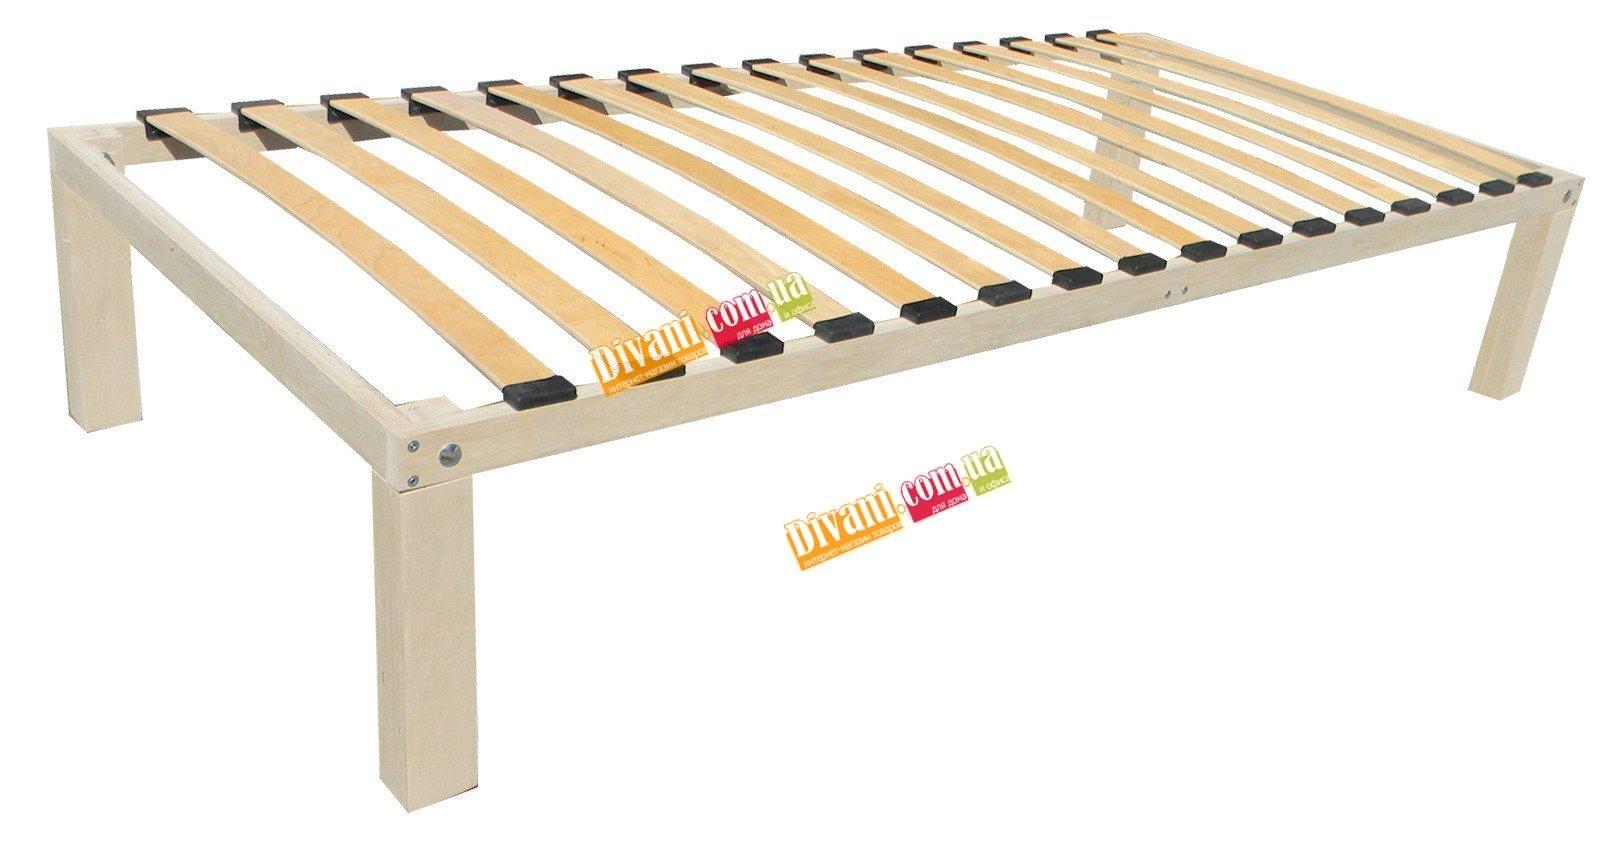 Каркас кровати для матраса 140x190см и 140x200см